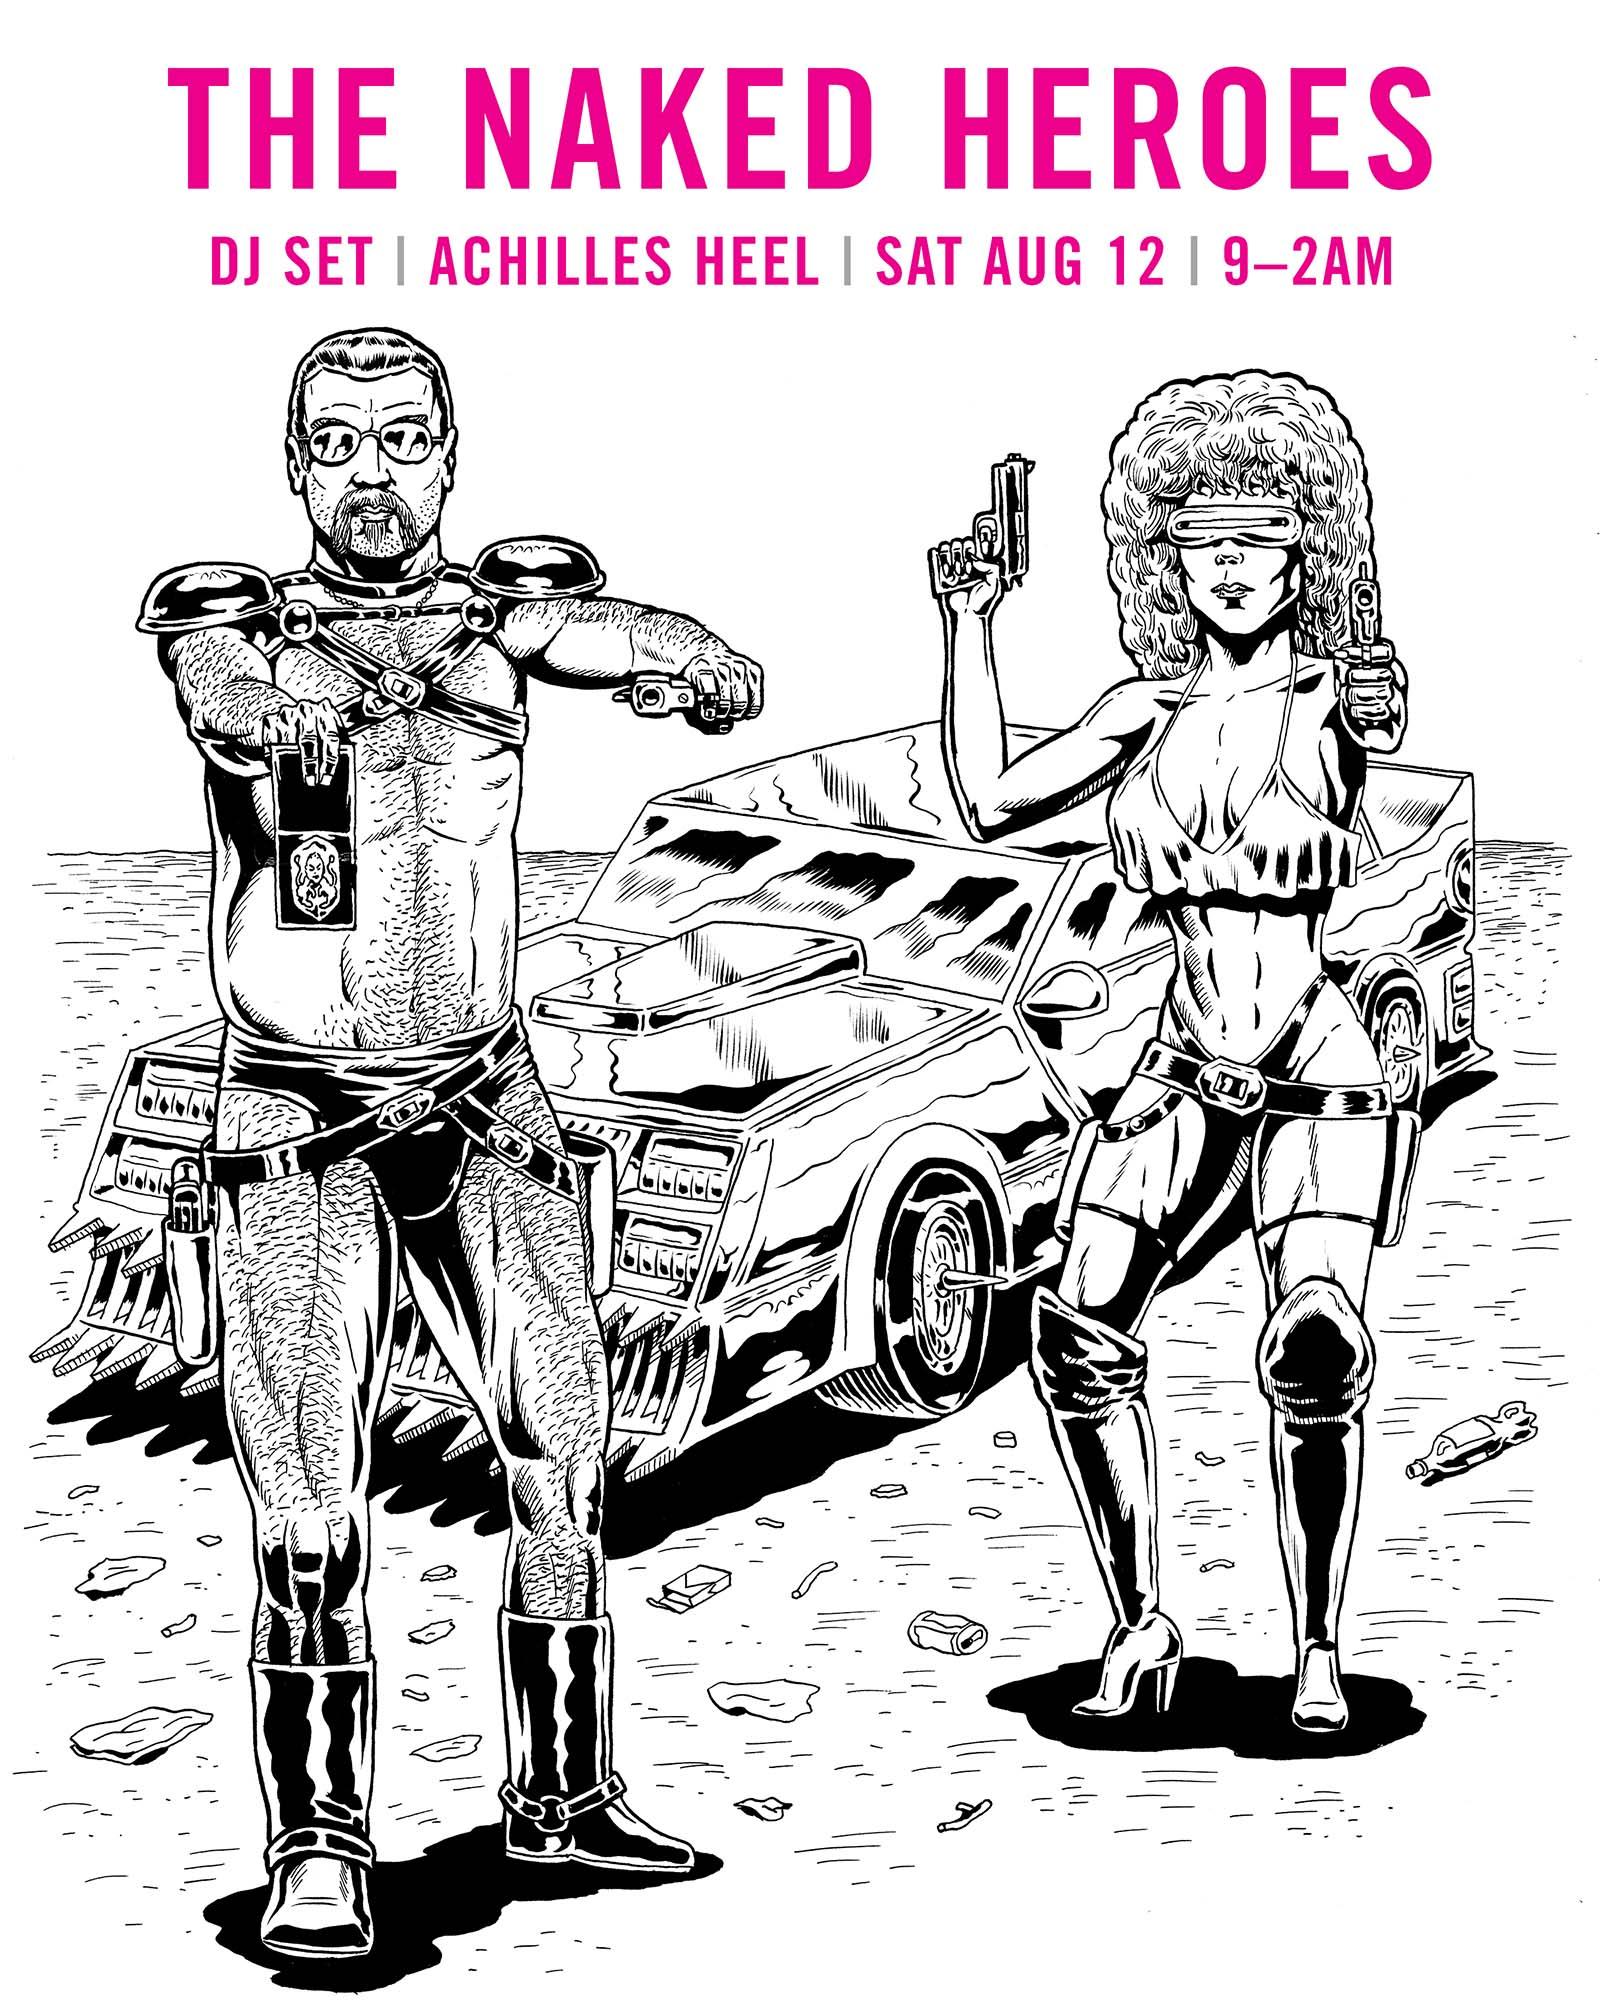 The-Naked-Heroes-DJ-Achilles-Heel-8-12-17-1.jpg